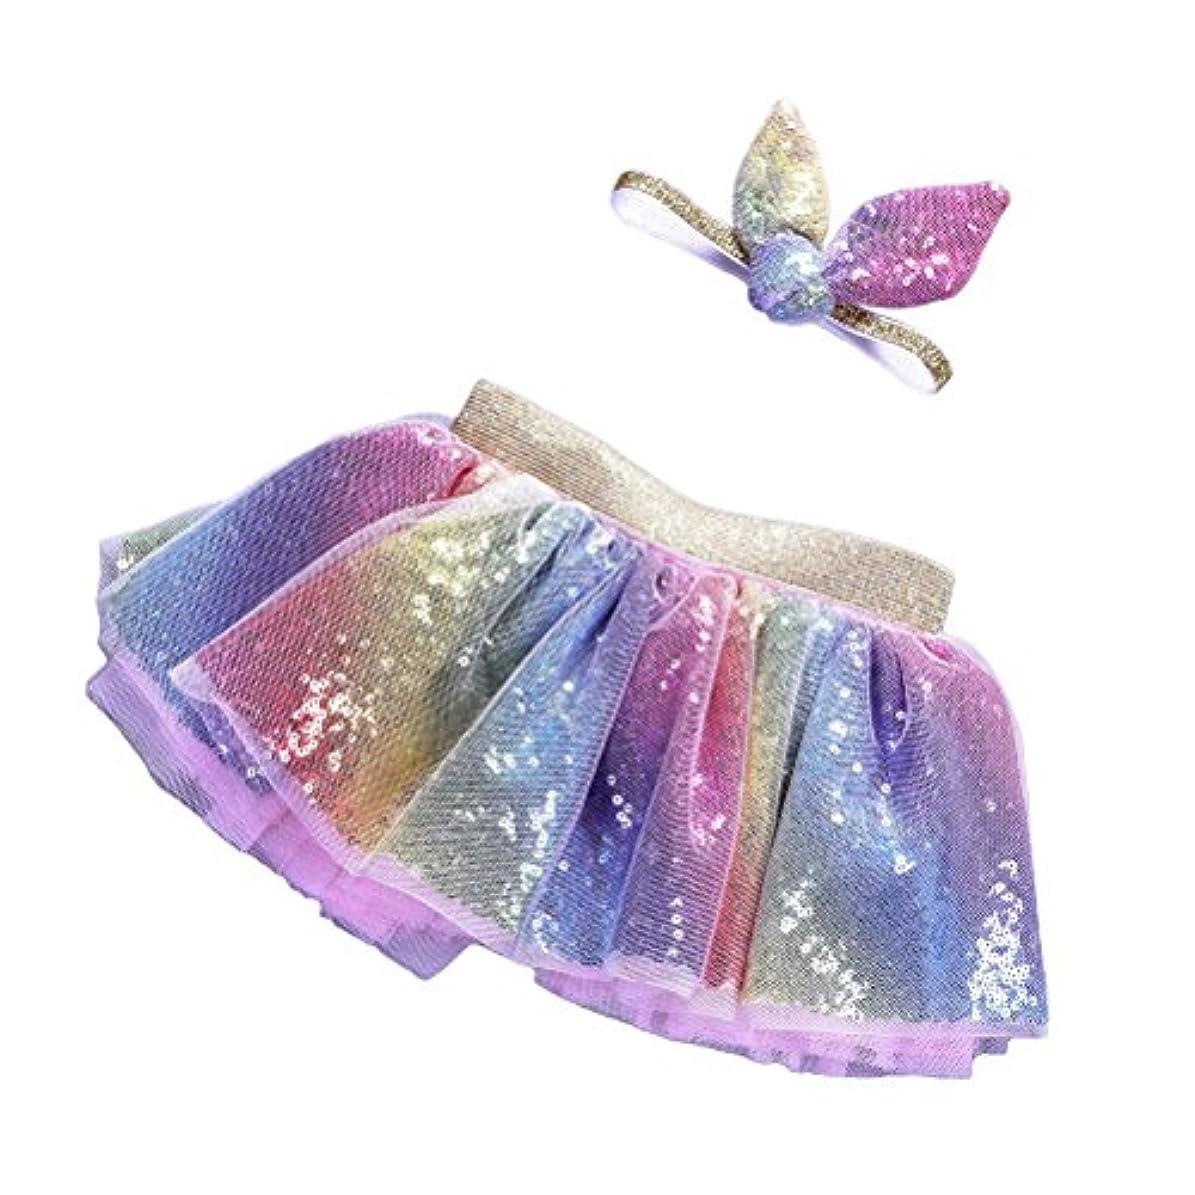 盆面倒交通渋滞LUOEM 2PCSレインボーツツースカート(ヘッドバンド付き)プリンセスガールツツーの服装ベビーガールズ誕生日の服セットサイズM(2?5歳)